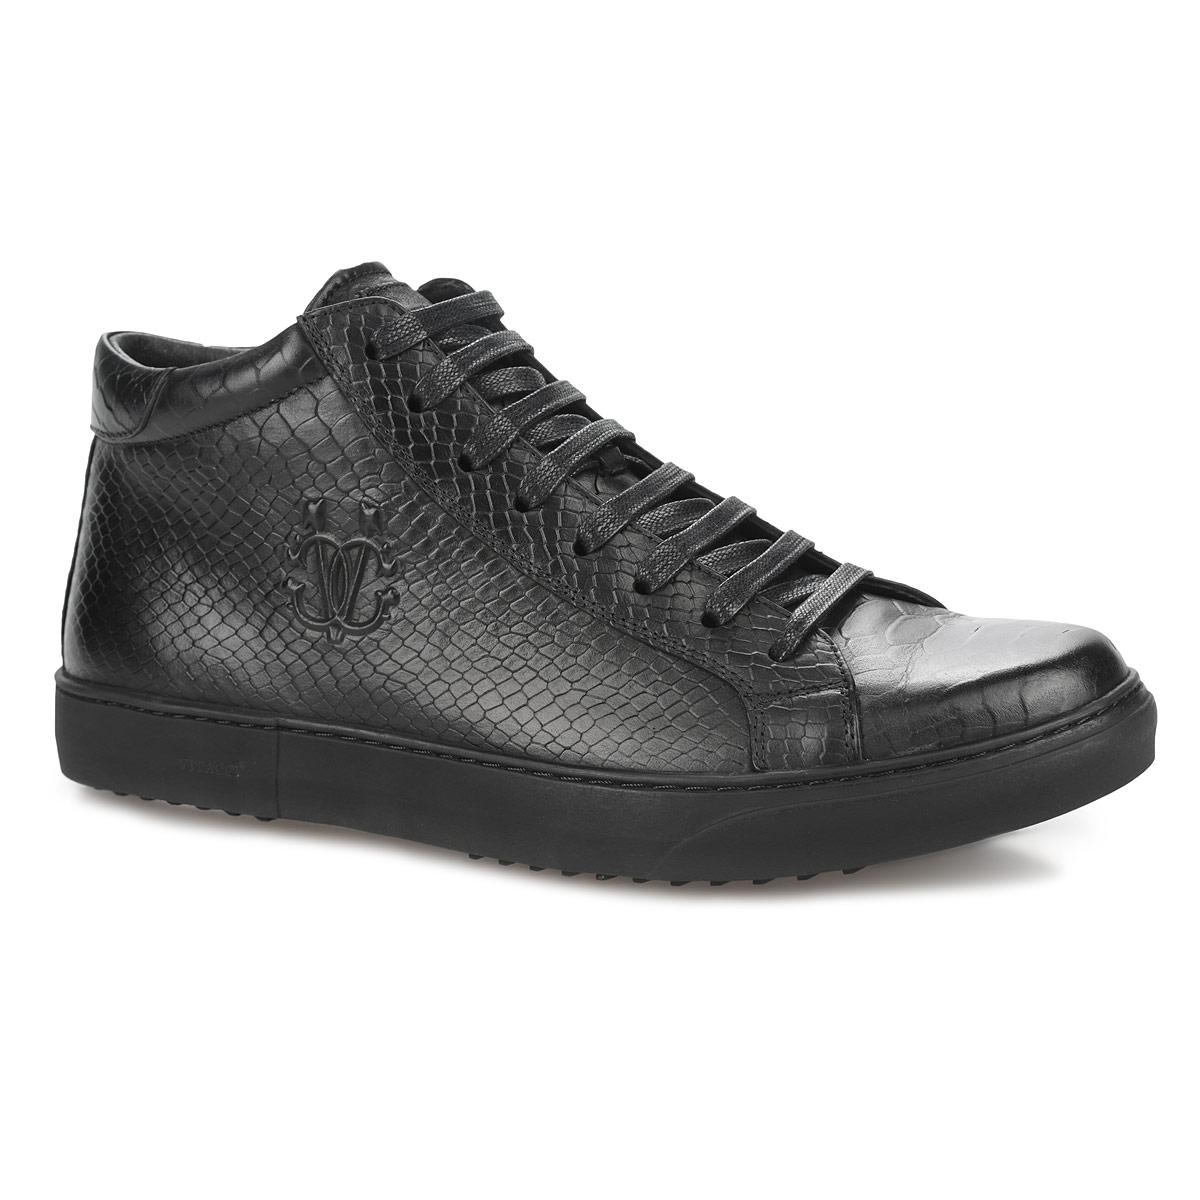 Ботинки мужские. M23138M23138Модные мужские ботинки от Vitacci покорят вас своим удобством. Модель выполнена из натуральной кожи с тиснением под рептилию. Сбоку изделие дополнено конгревным тиснением. Ботинки застегиваются при помощи застежки-молнии, расположенной на одной из боковых сторон. Шнуровка позволяет надежно фиксировать модель на ноге. Стелька, выполненная из ворсина, обеспечивает комфорт при ходьбе. Утолщенная подошва дополнена противоскользящим рифлением. Стильные ботинки прекрасно впишутся в ваш гардероб.